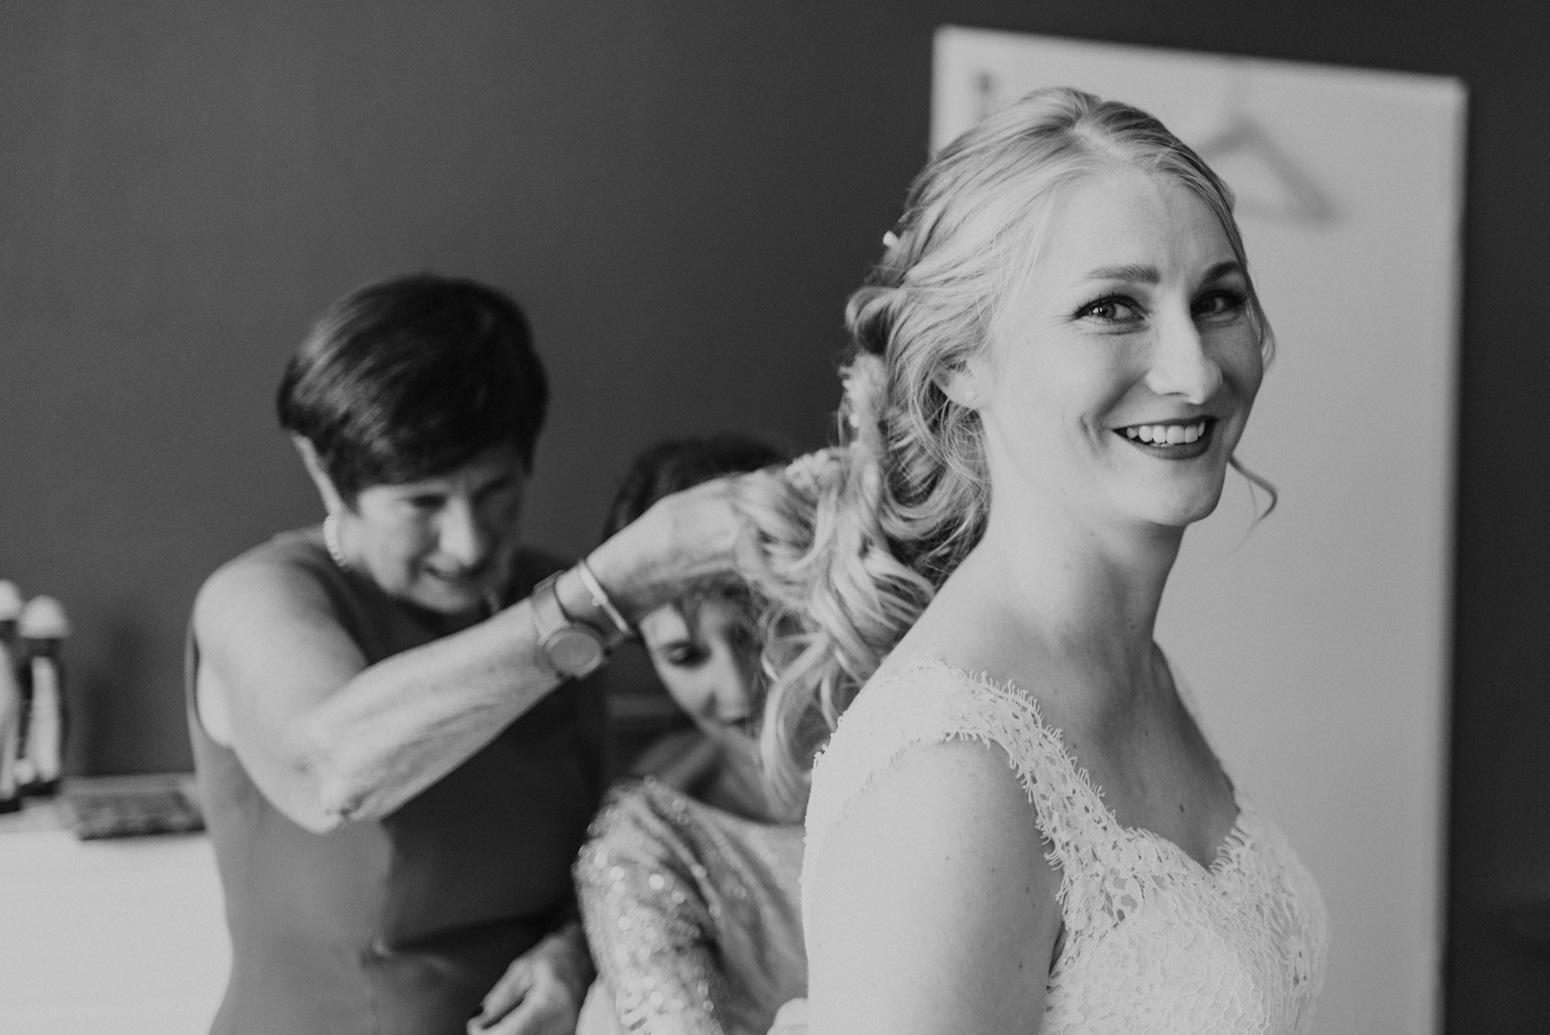 Freunde und Familie helfen der Braut beim Getting Ready. Hochzeitsfotografin Daria Becker von Genuine Bonds aus Bonn